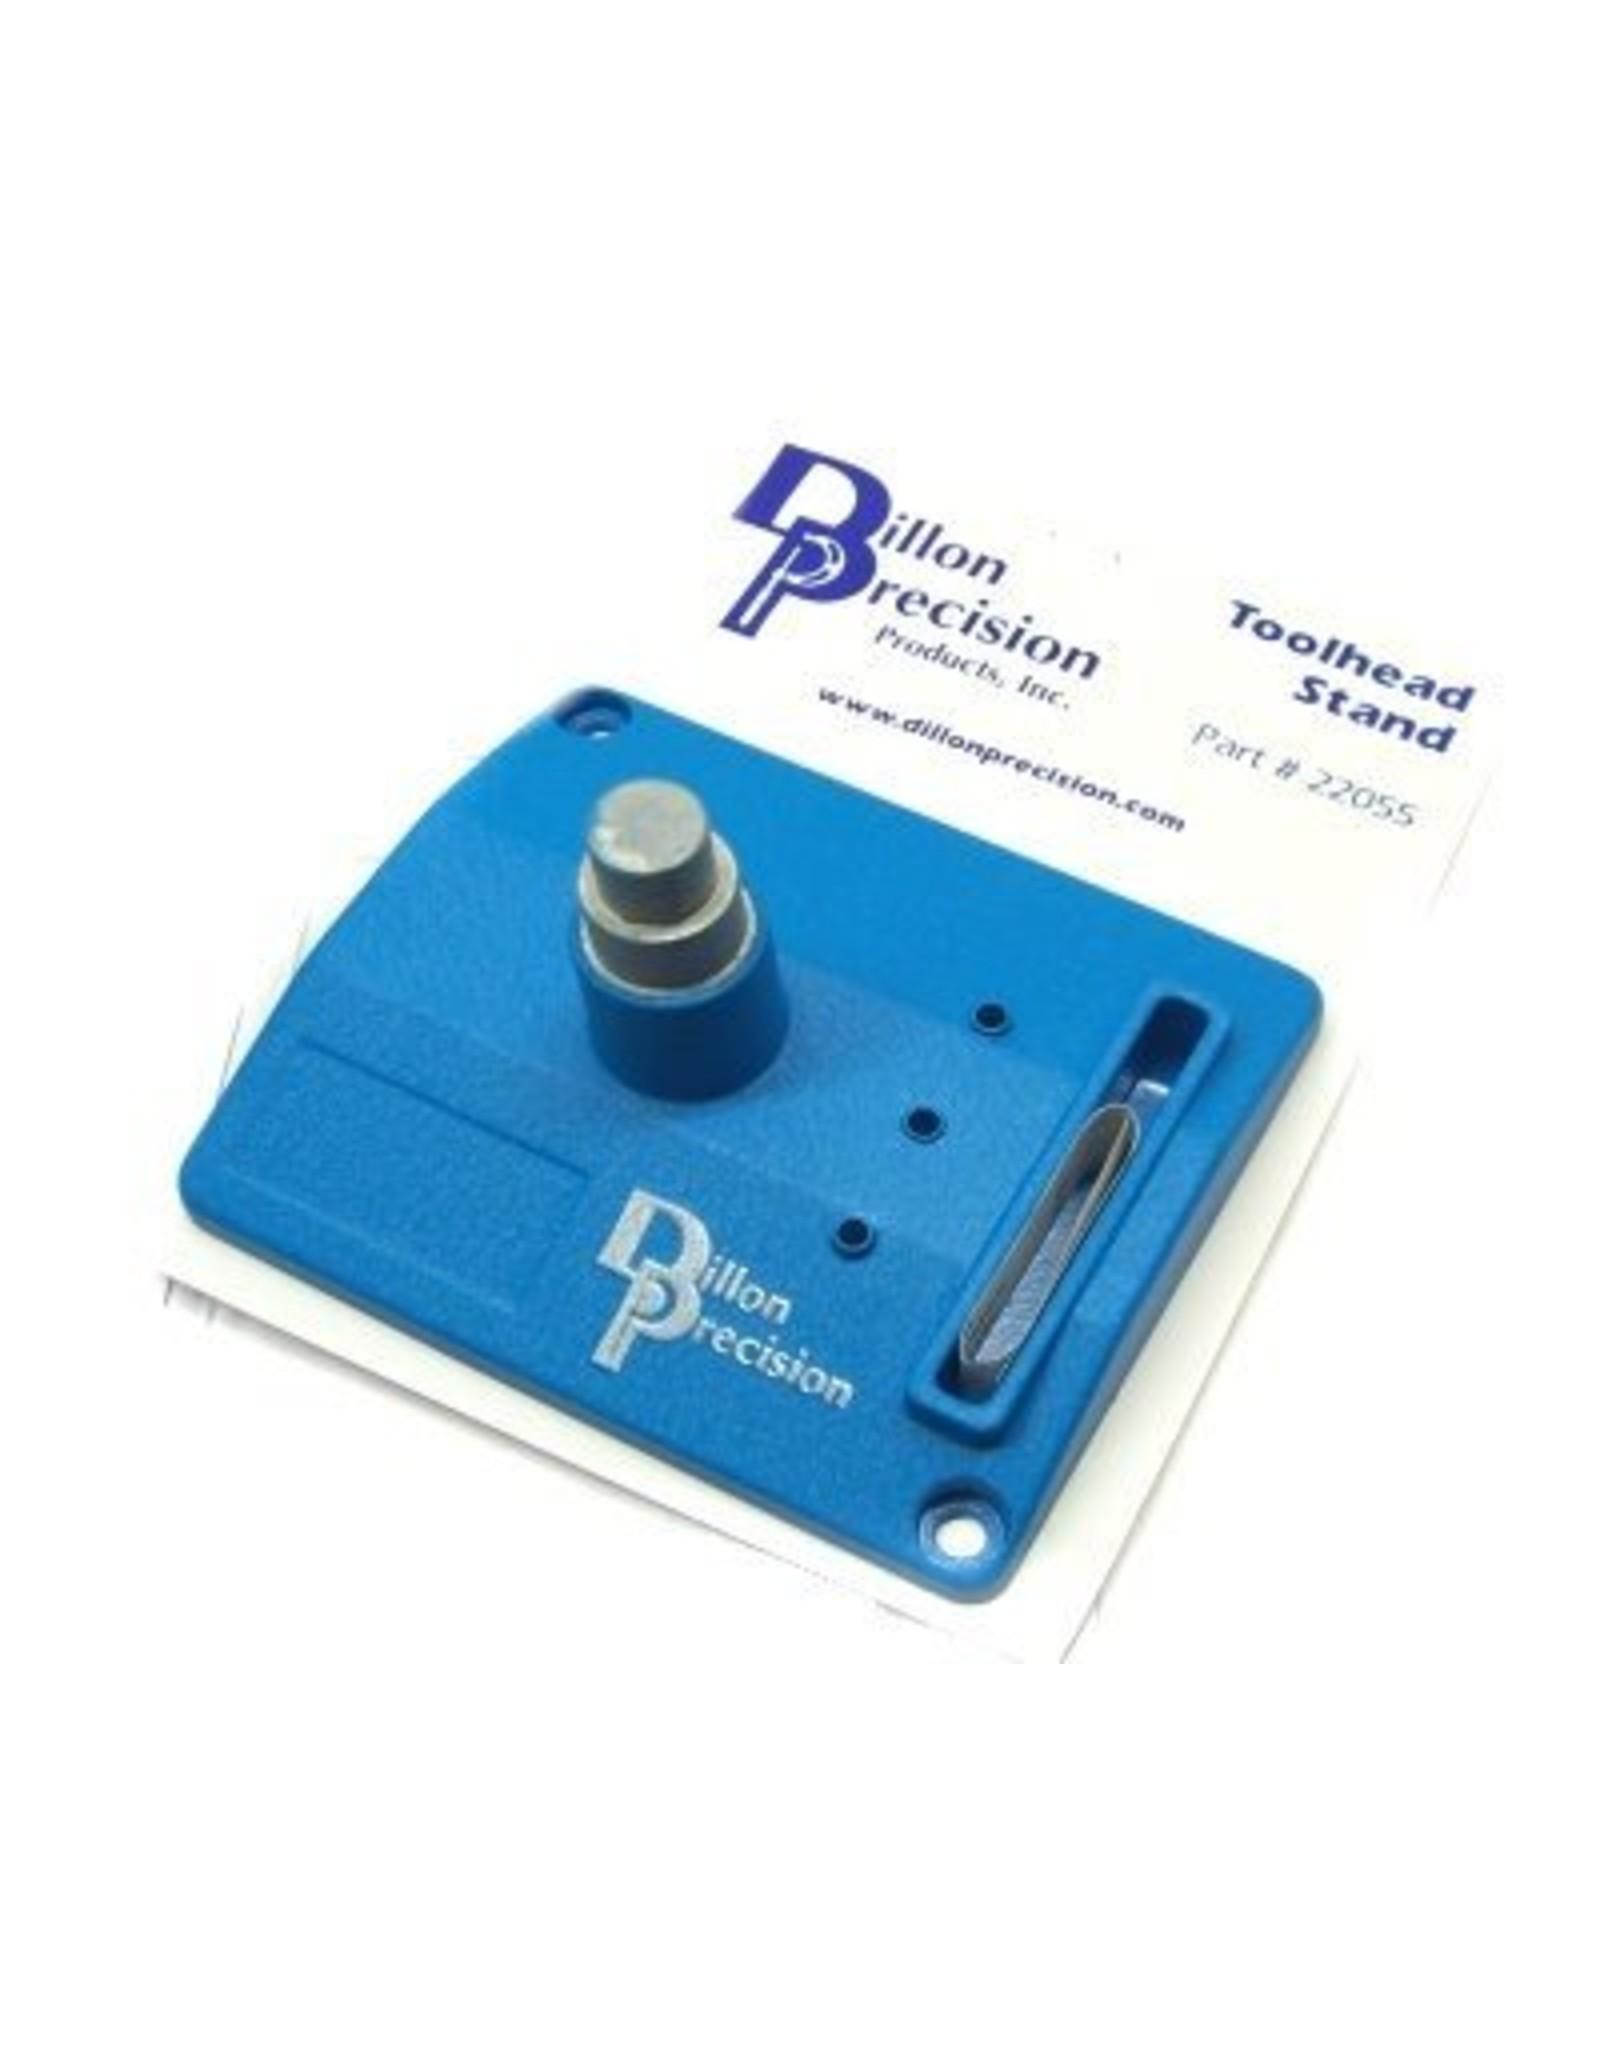 Dillon Precision Dillon 550/650/750 Toolhead Stand